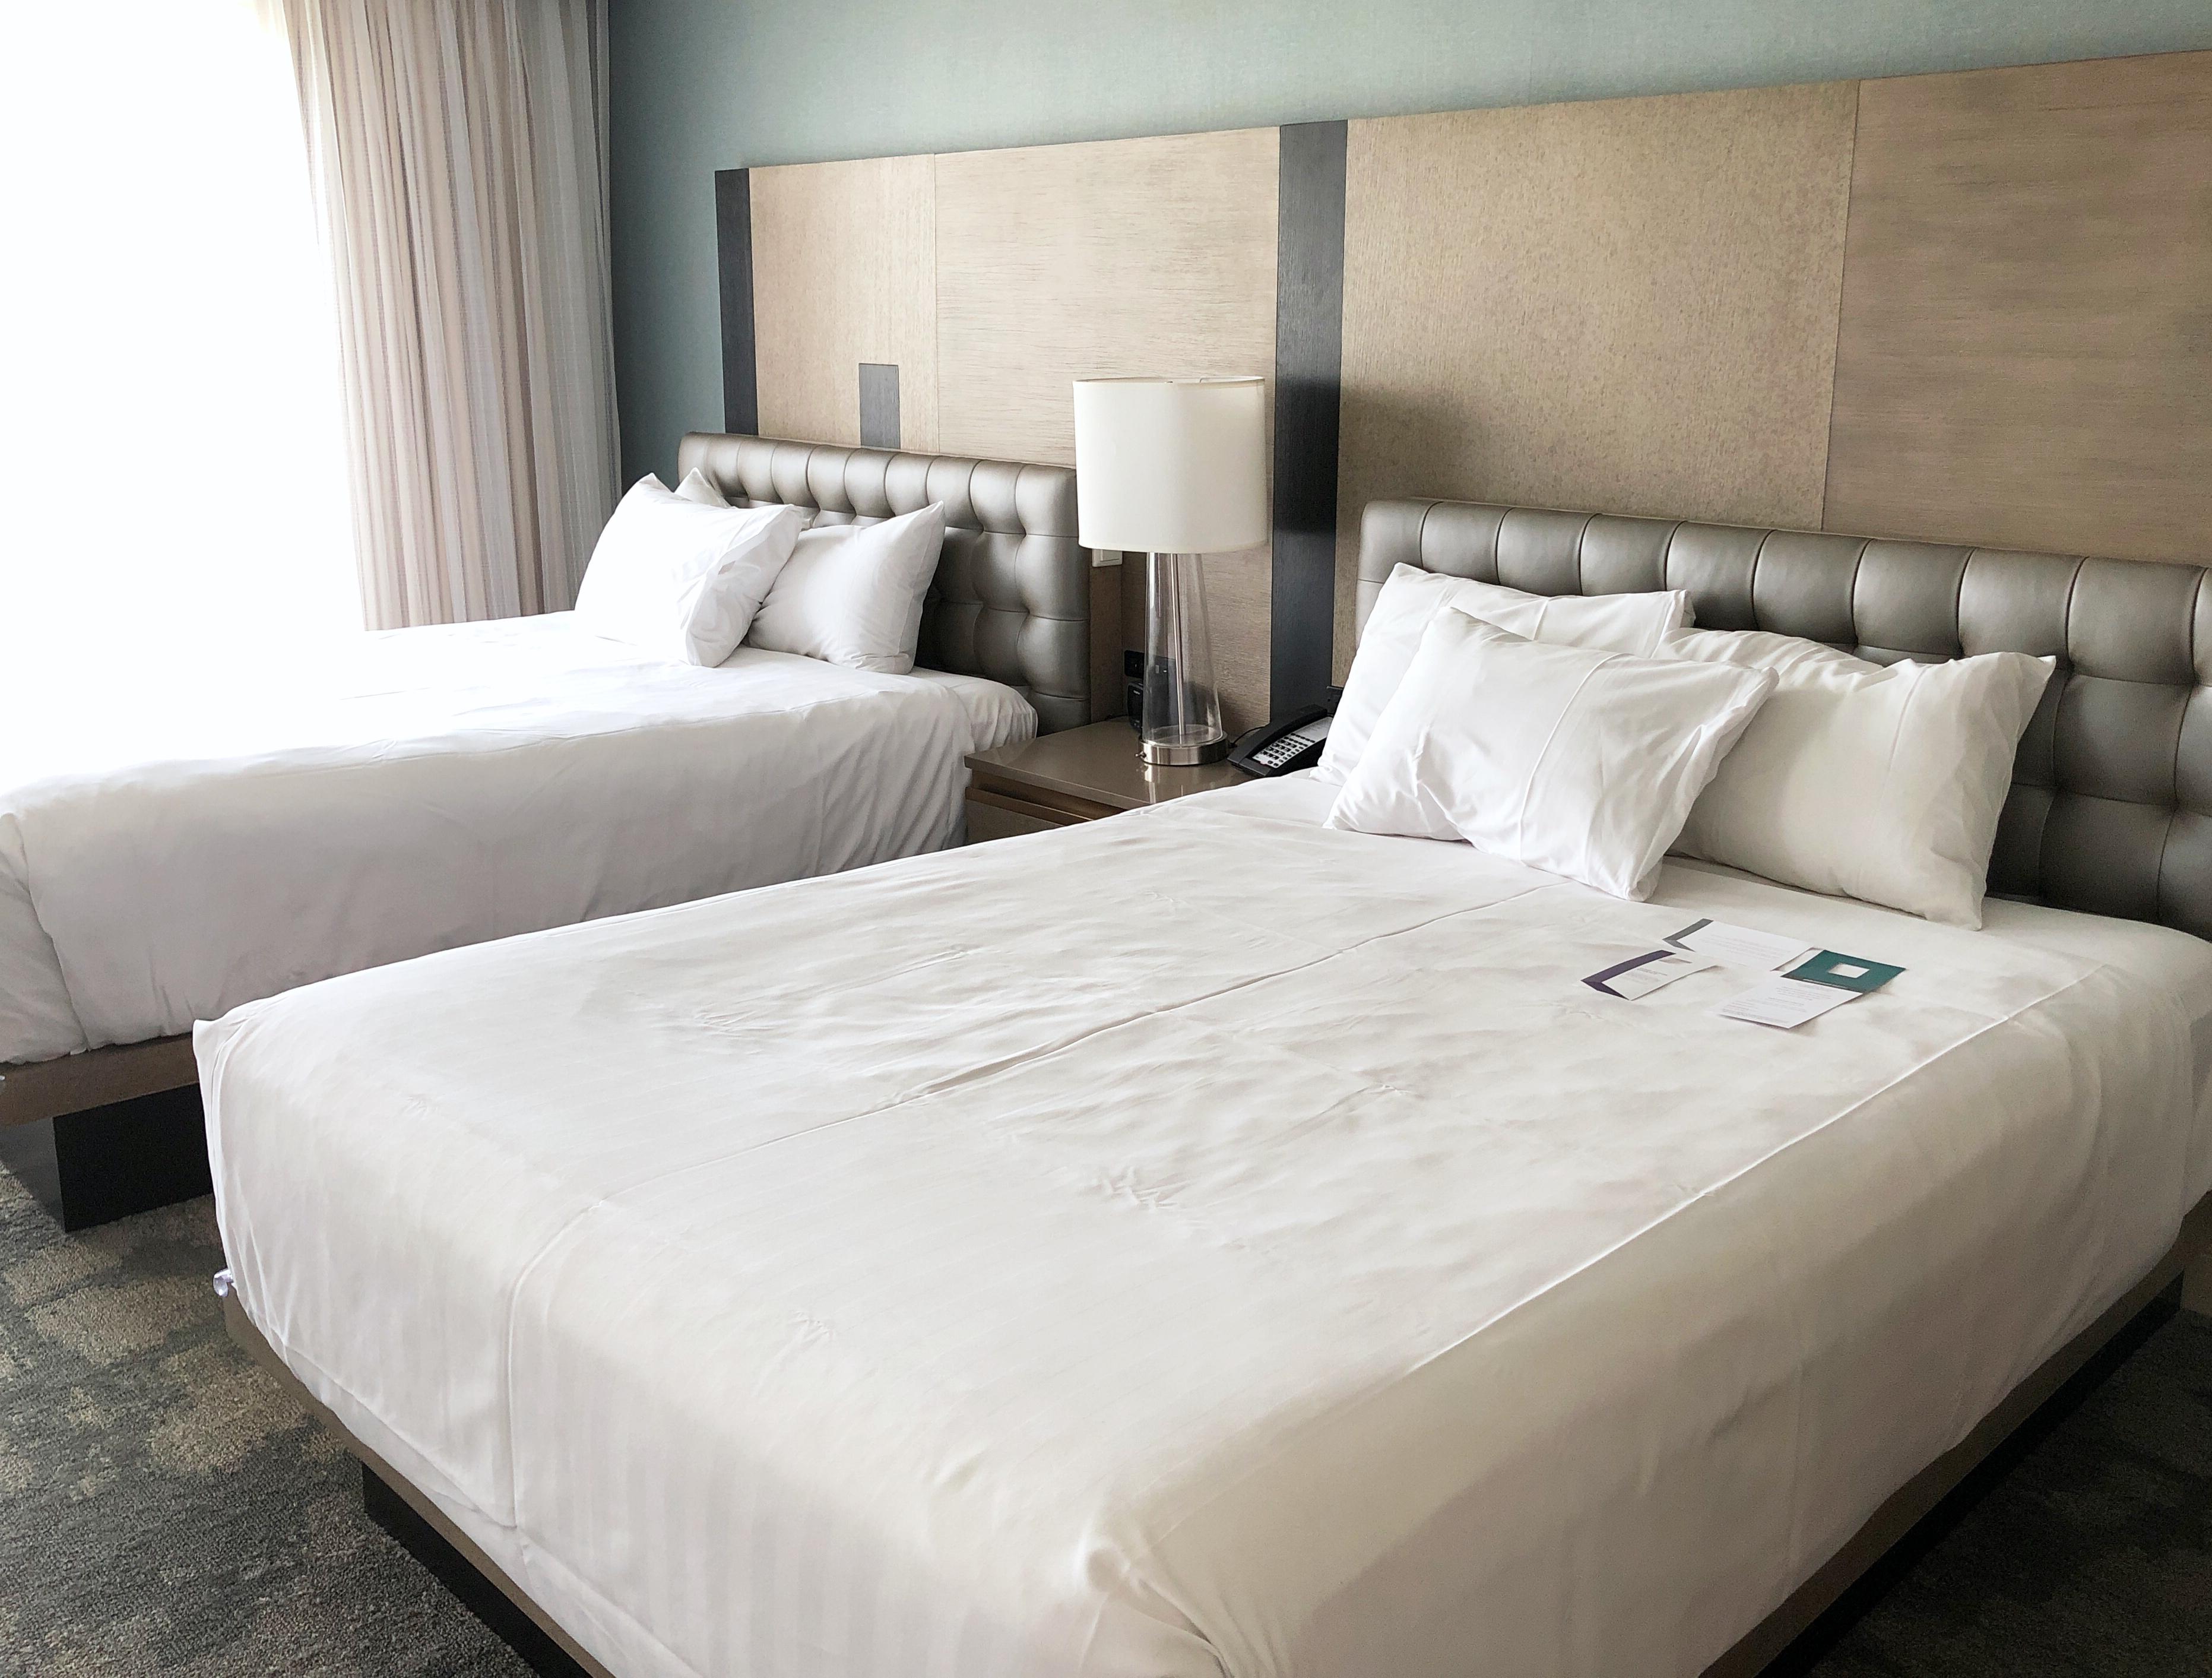 hyatt chesapeake double queen bed